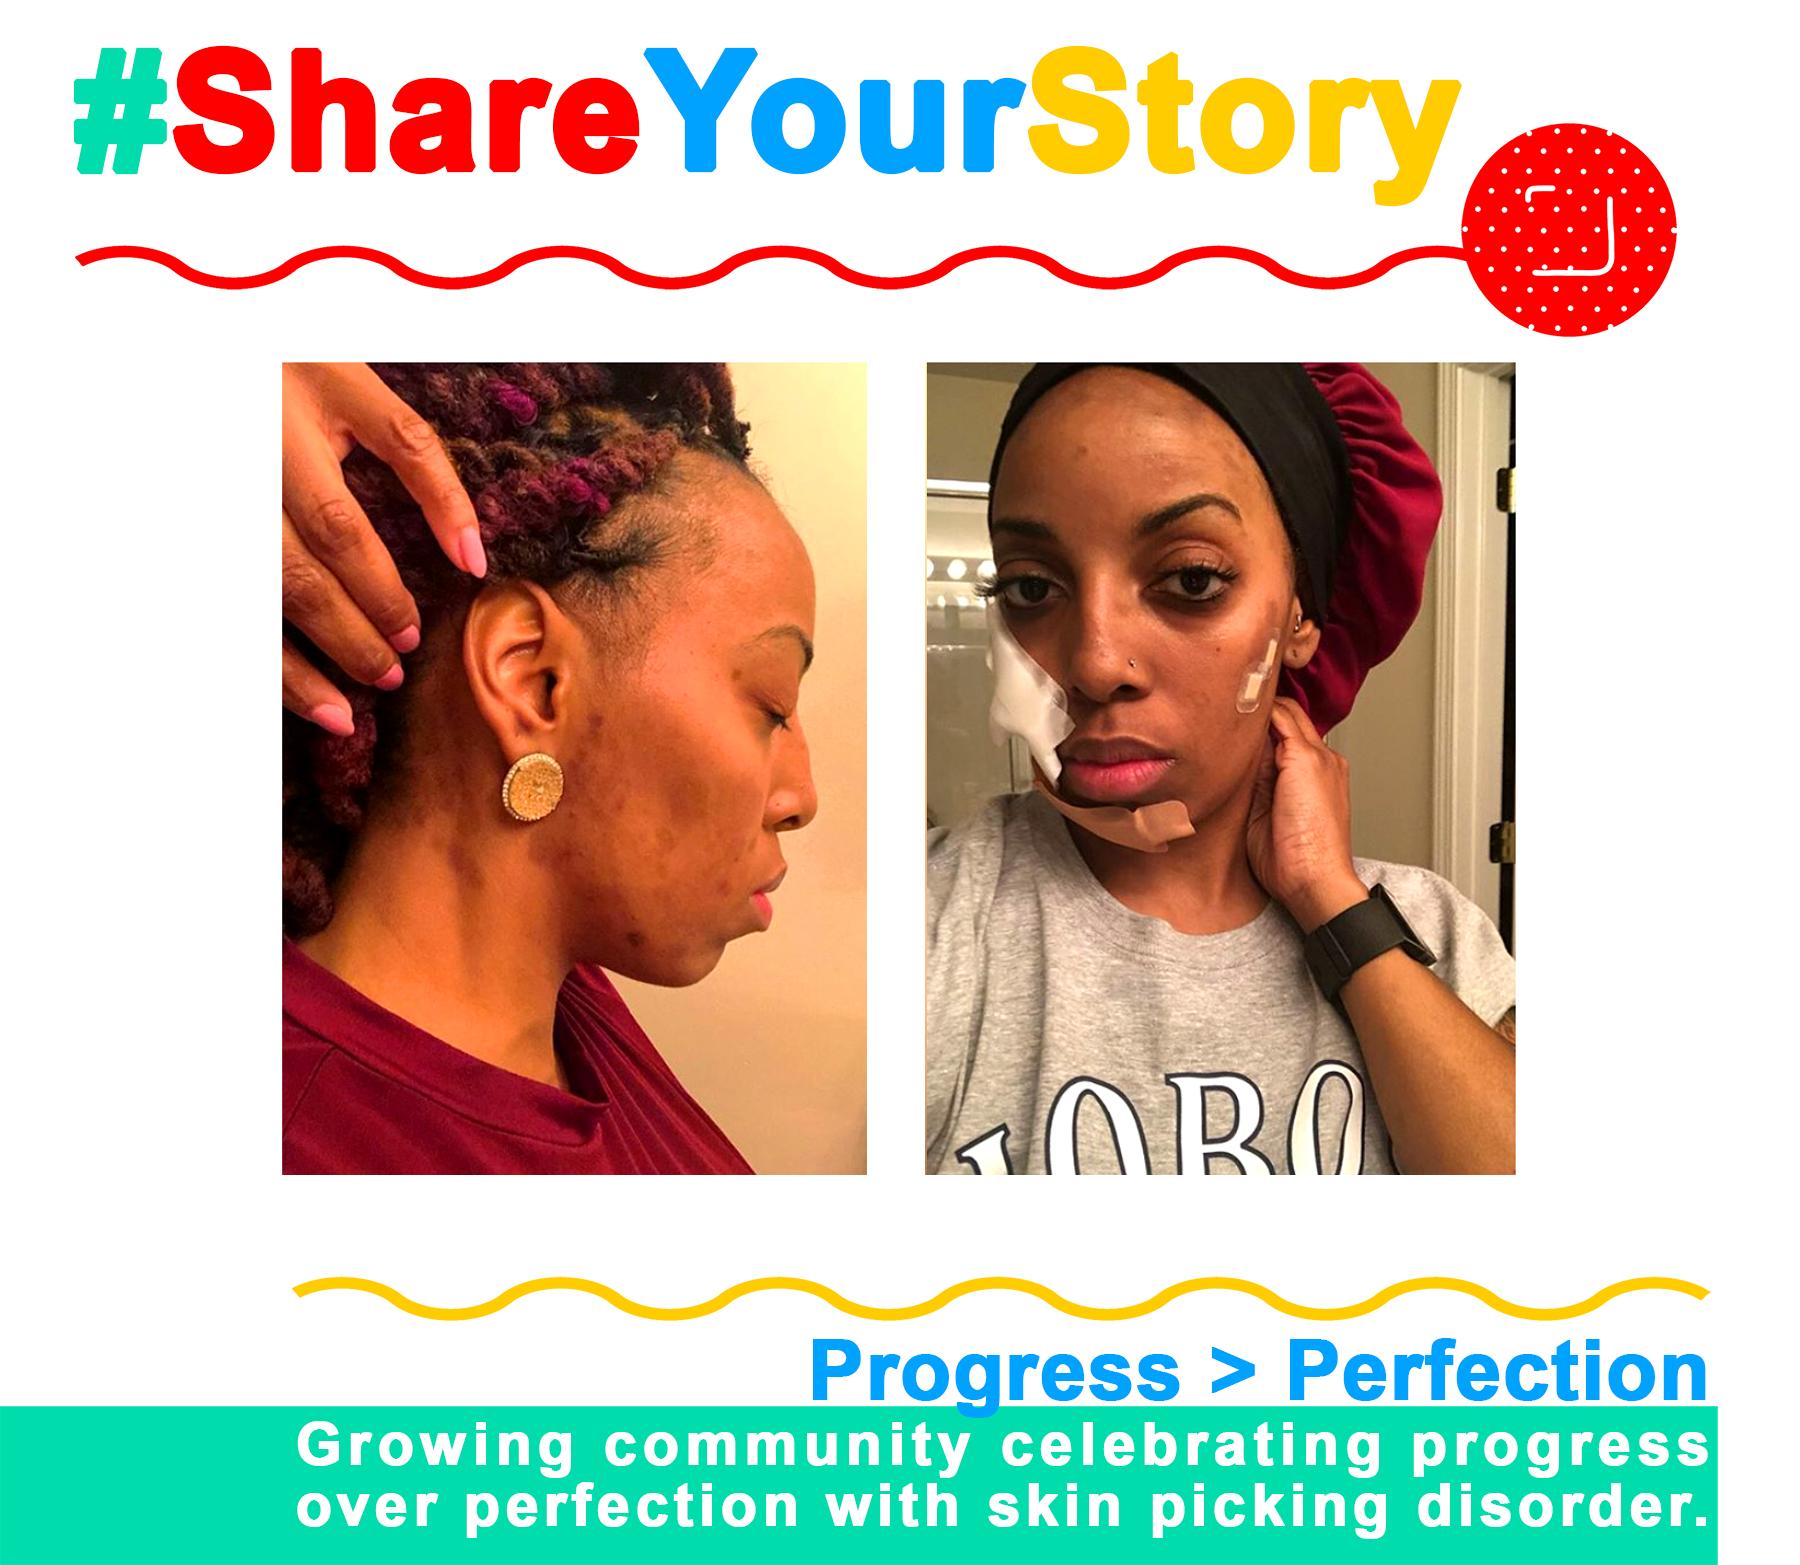 #ShareYourStory: Shemika